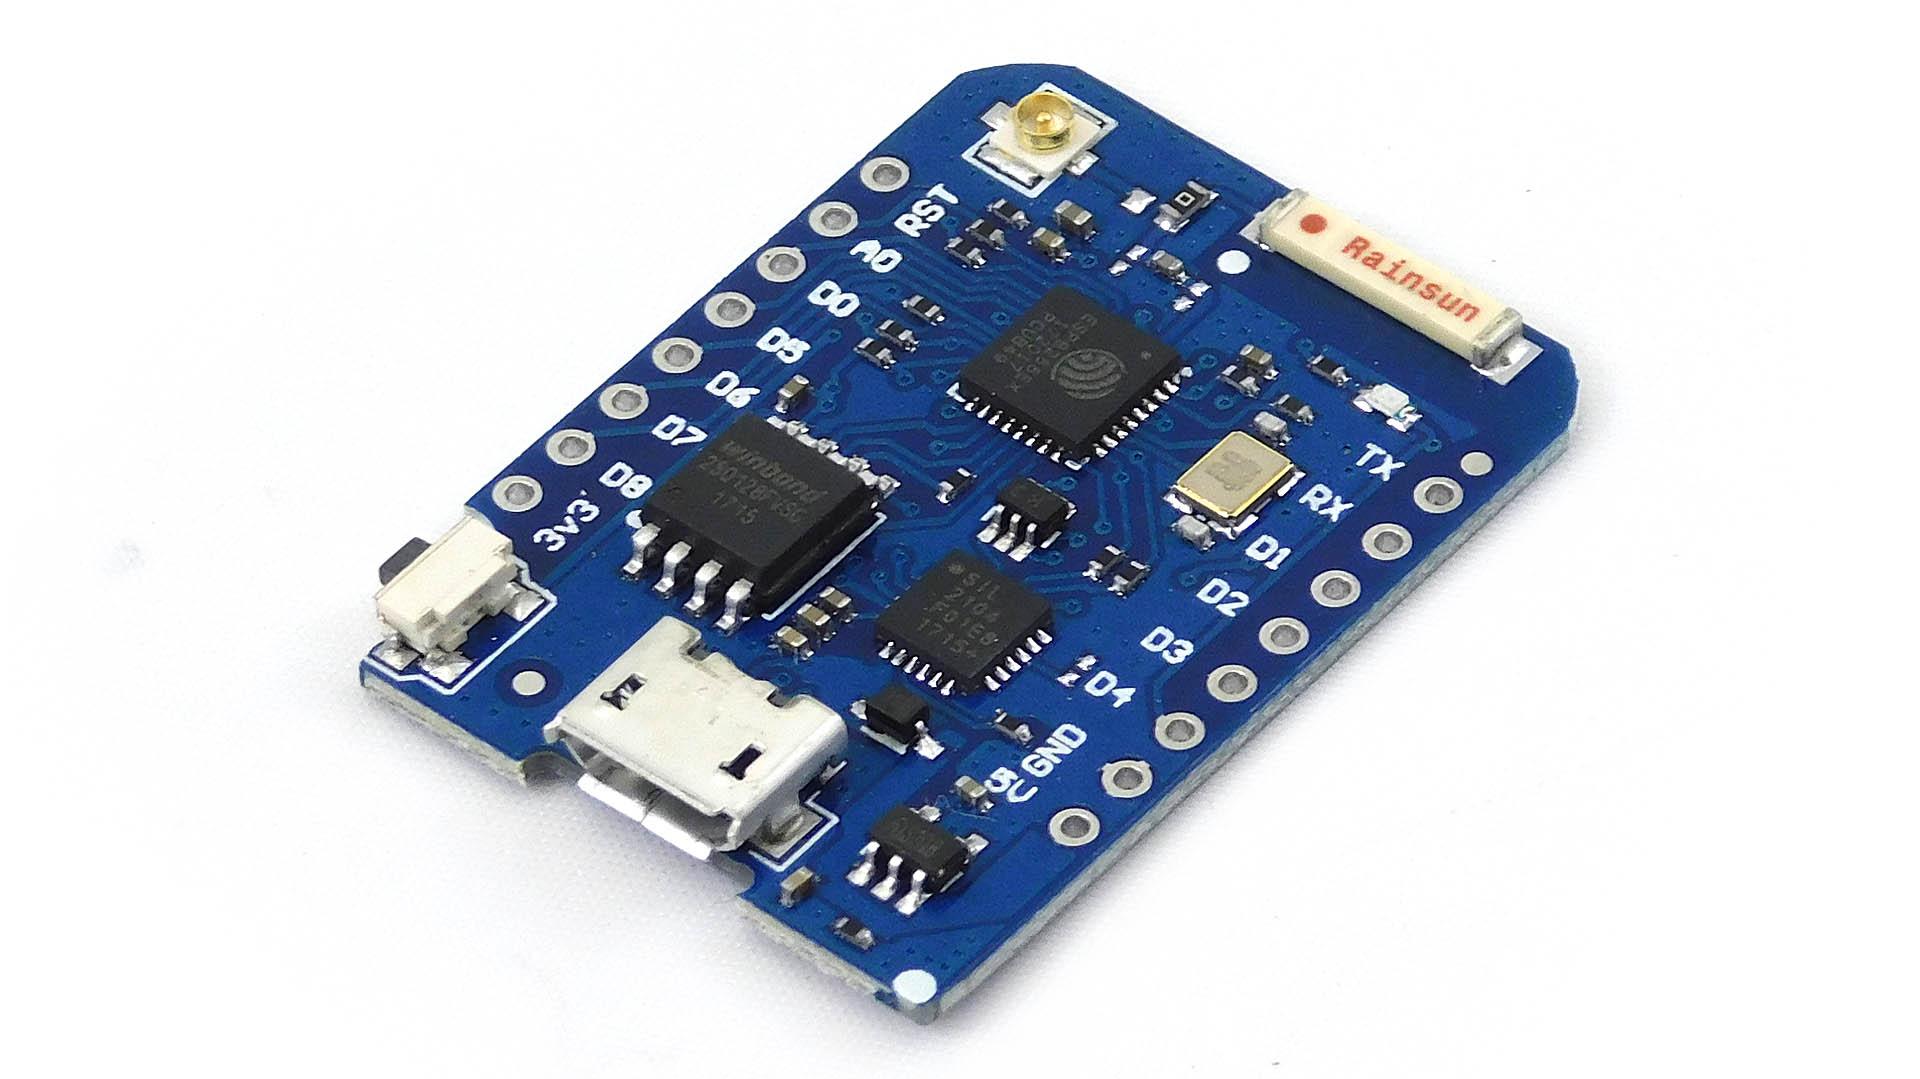 Nettigo: Wemos D1 mini Pro WiFi module